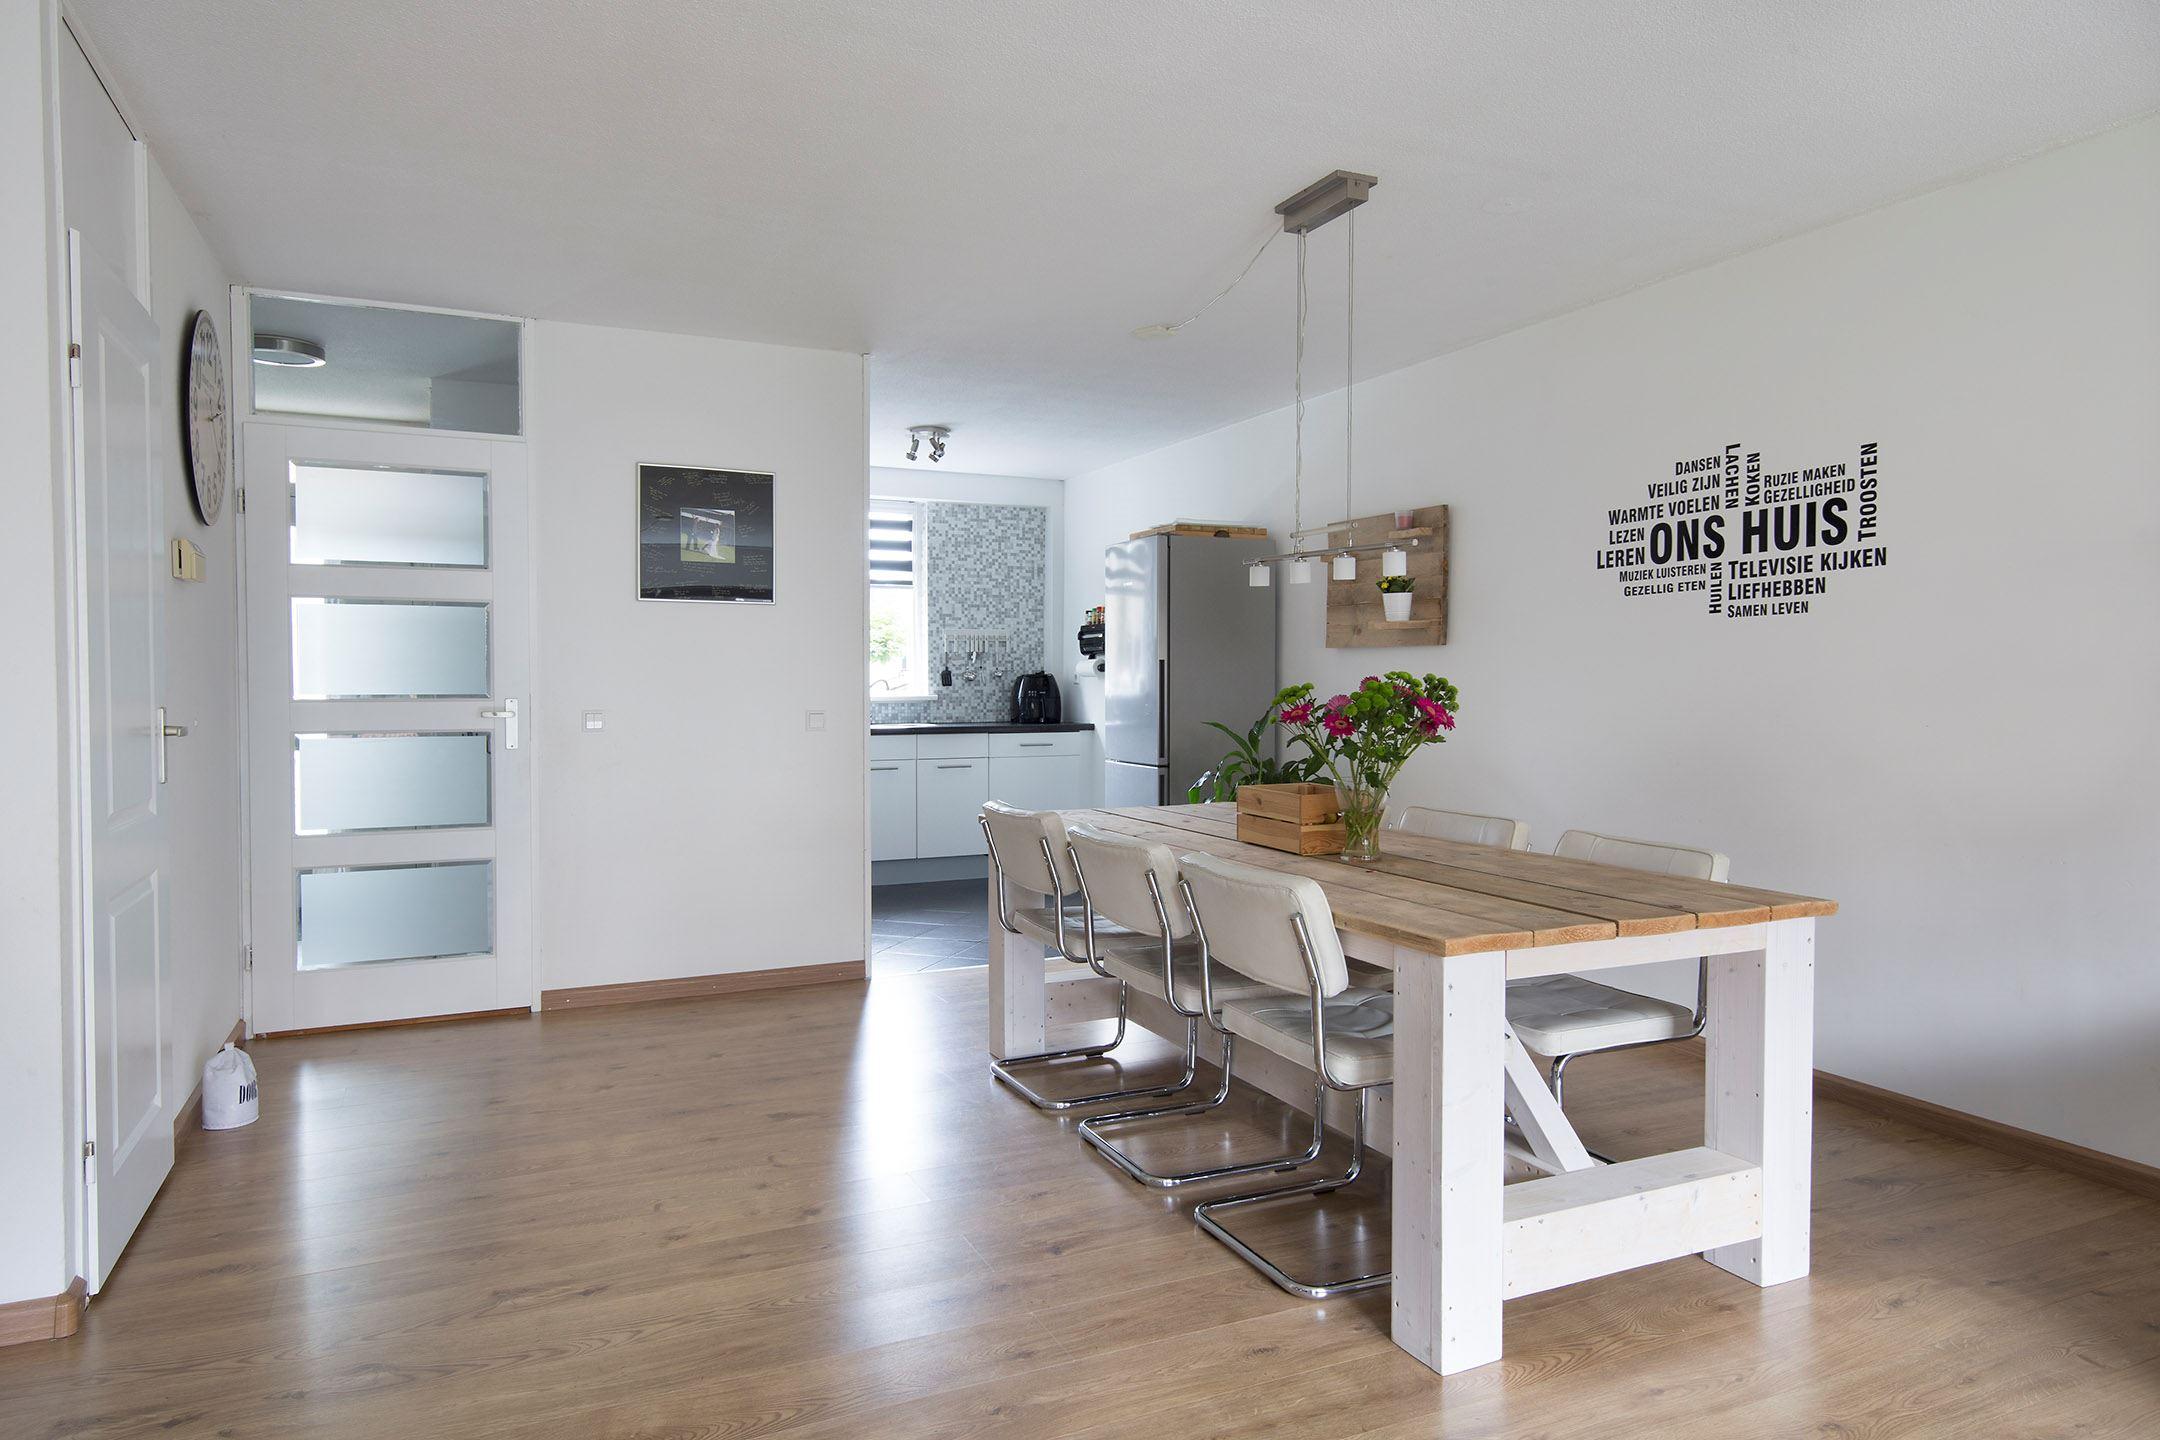 Huis gezellig maken tevens nieuwe meubels laten maken for Huis laten inrichten